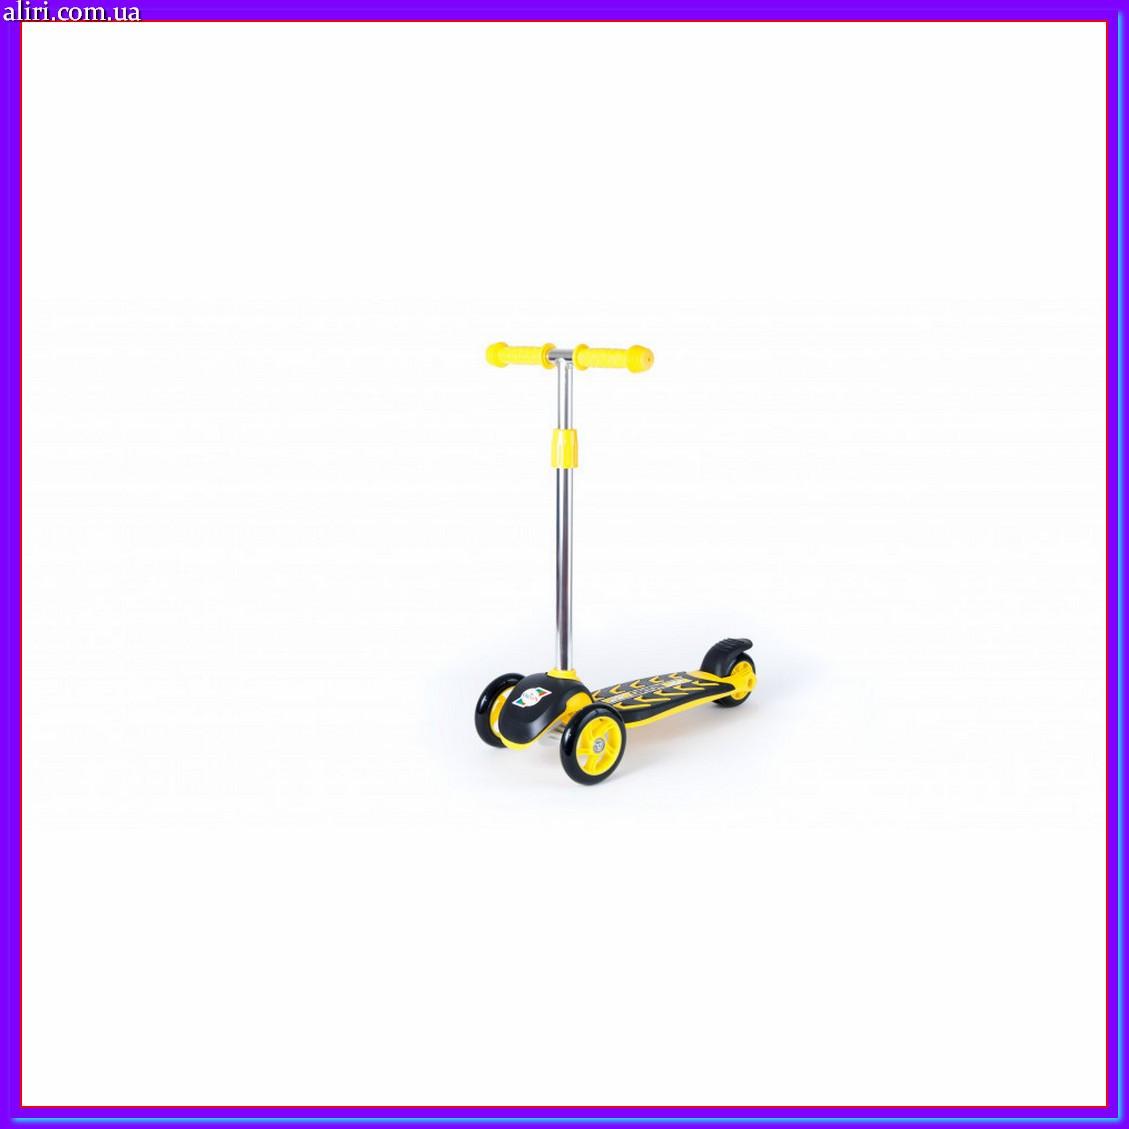 Самокат ORION 00164 желтый до 40 кг